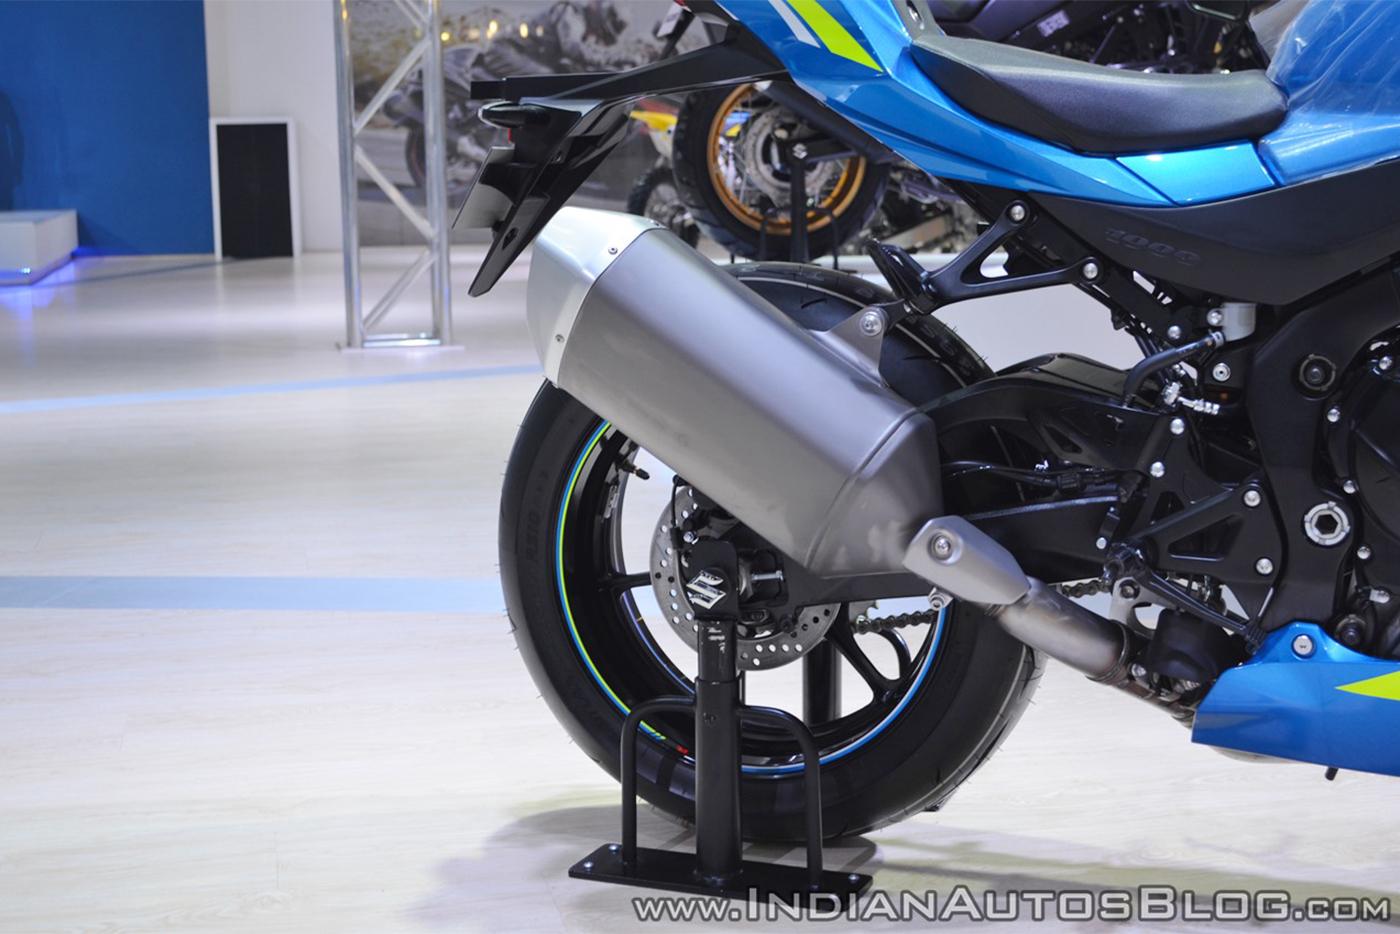 2018-suzuki-gsx-r1000r-blue-exhaust-at-2018-auto-expo.jpg